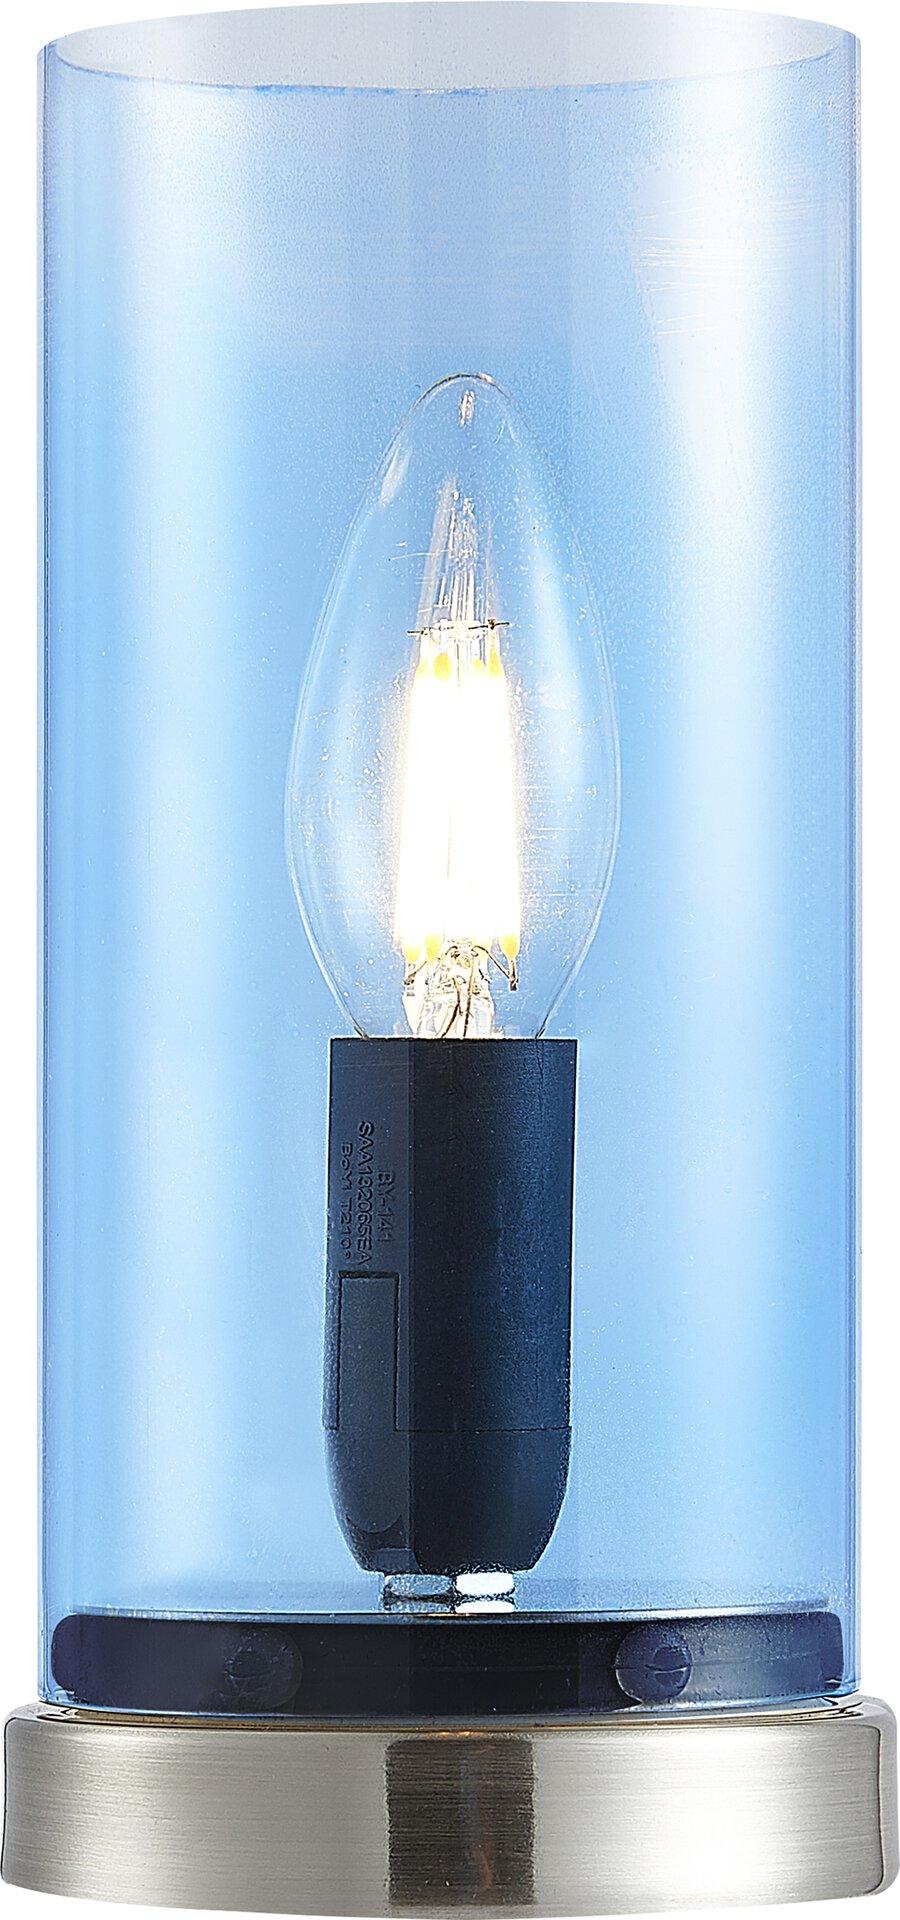 Tischleuchte LAIK Nino Leuchten Glas 9 x 20 x 9 cm